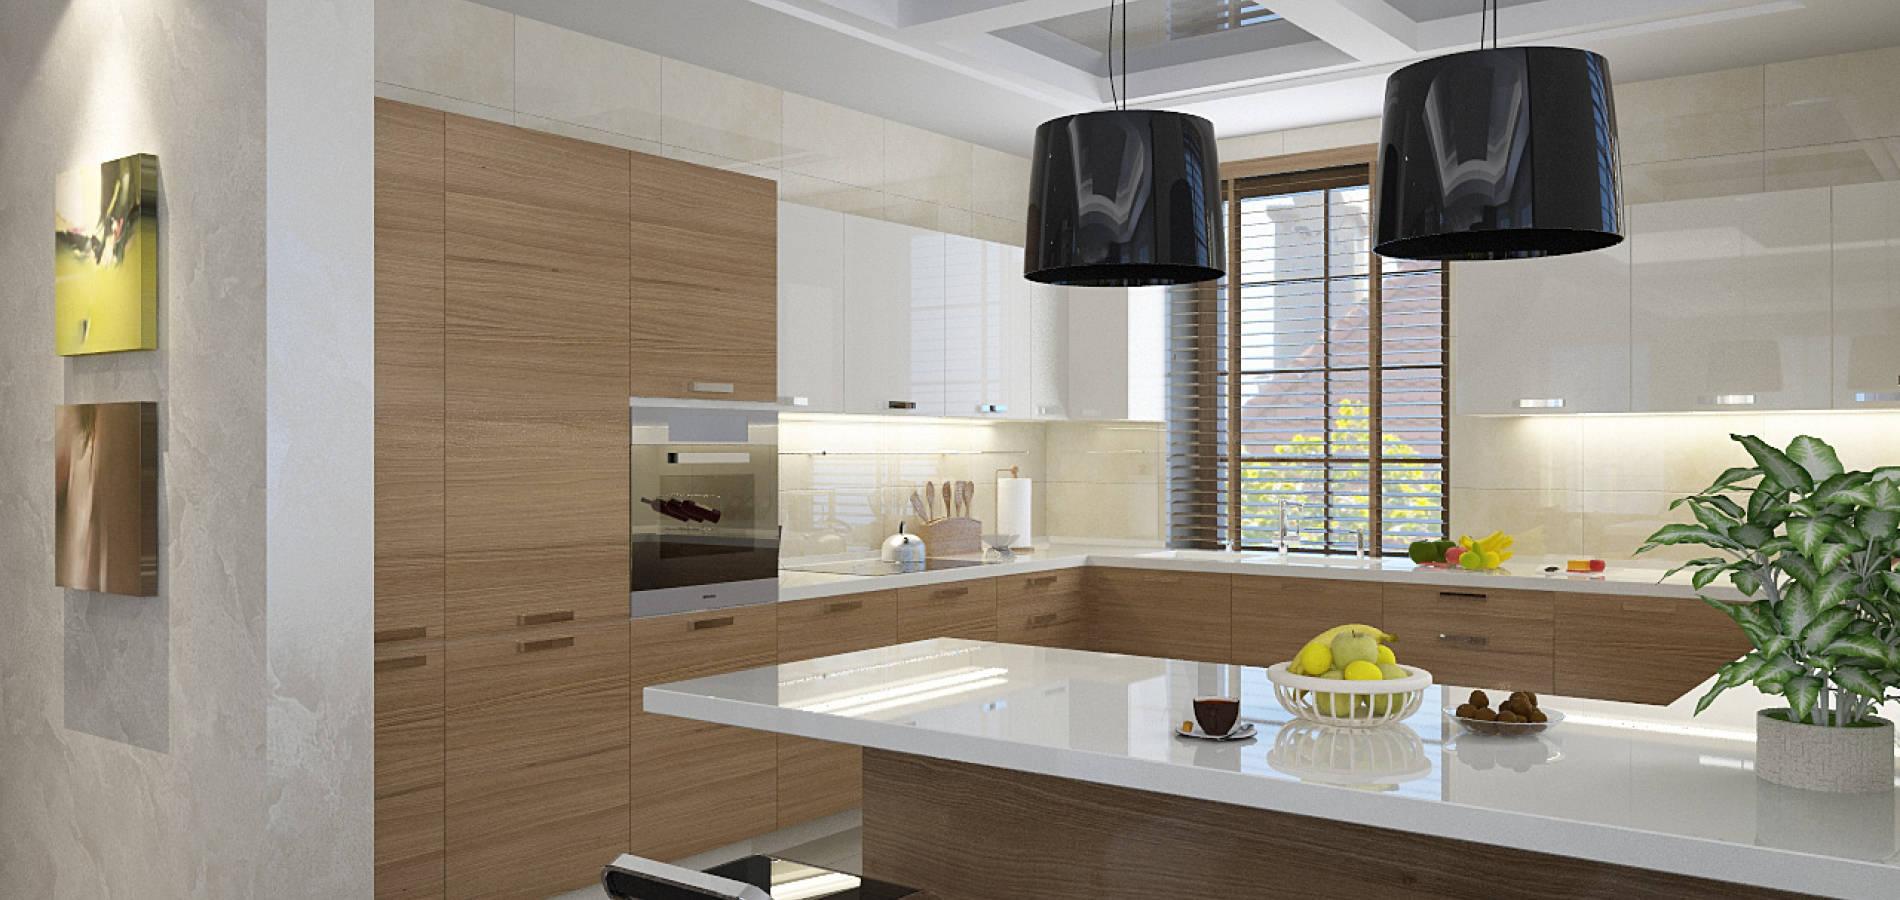 Кухня з ALPI шпоном MD_208